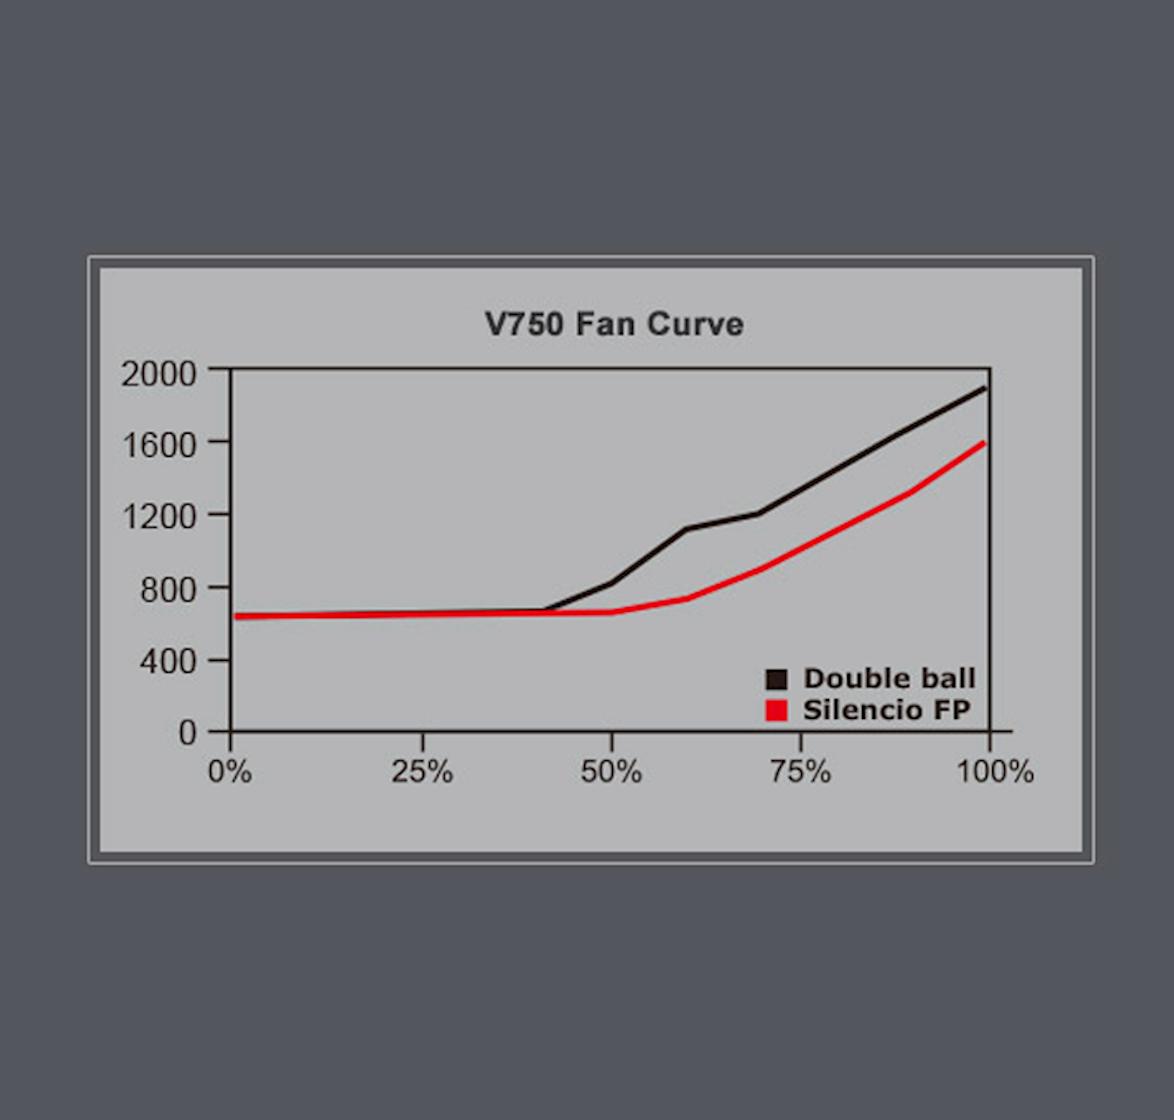 Silencio Fp Fan high Air Pressure And Lower Noise